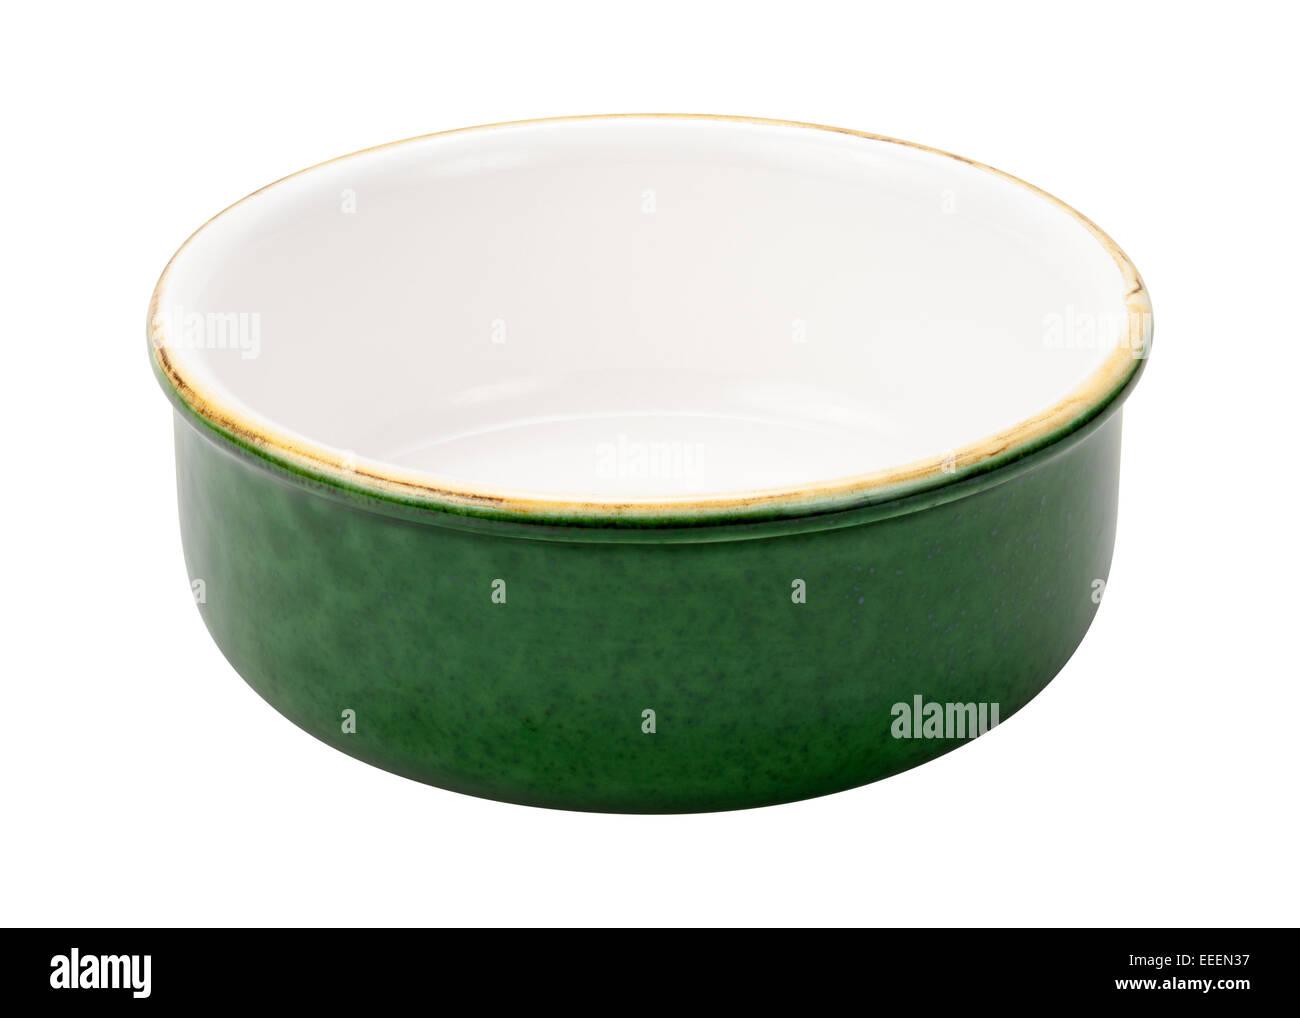 Leere grüne Keramikschale Stockbild